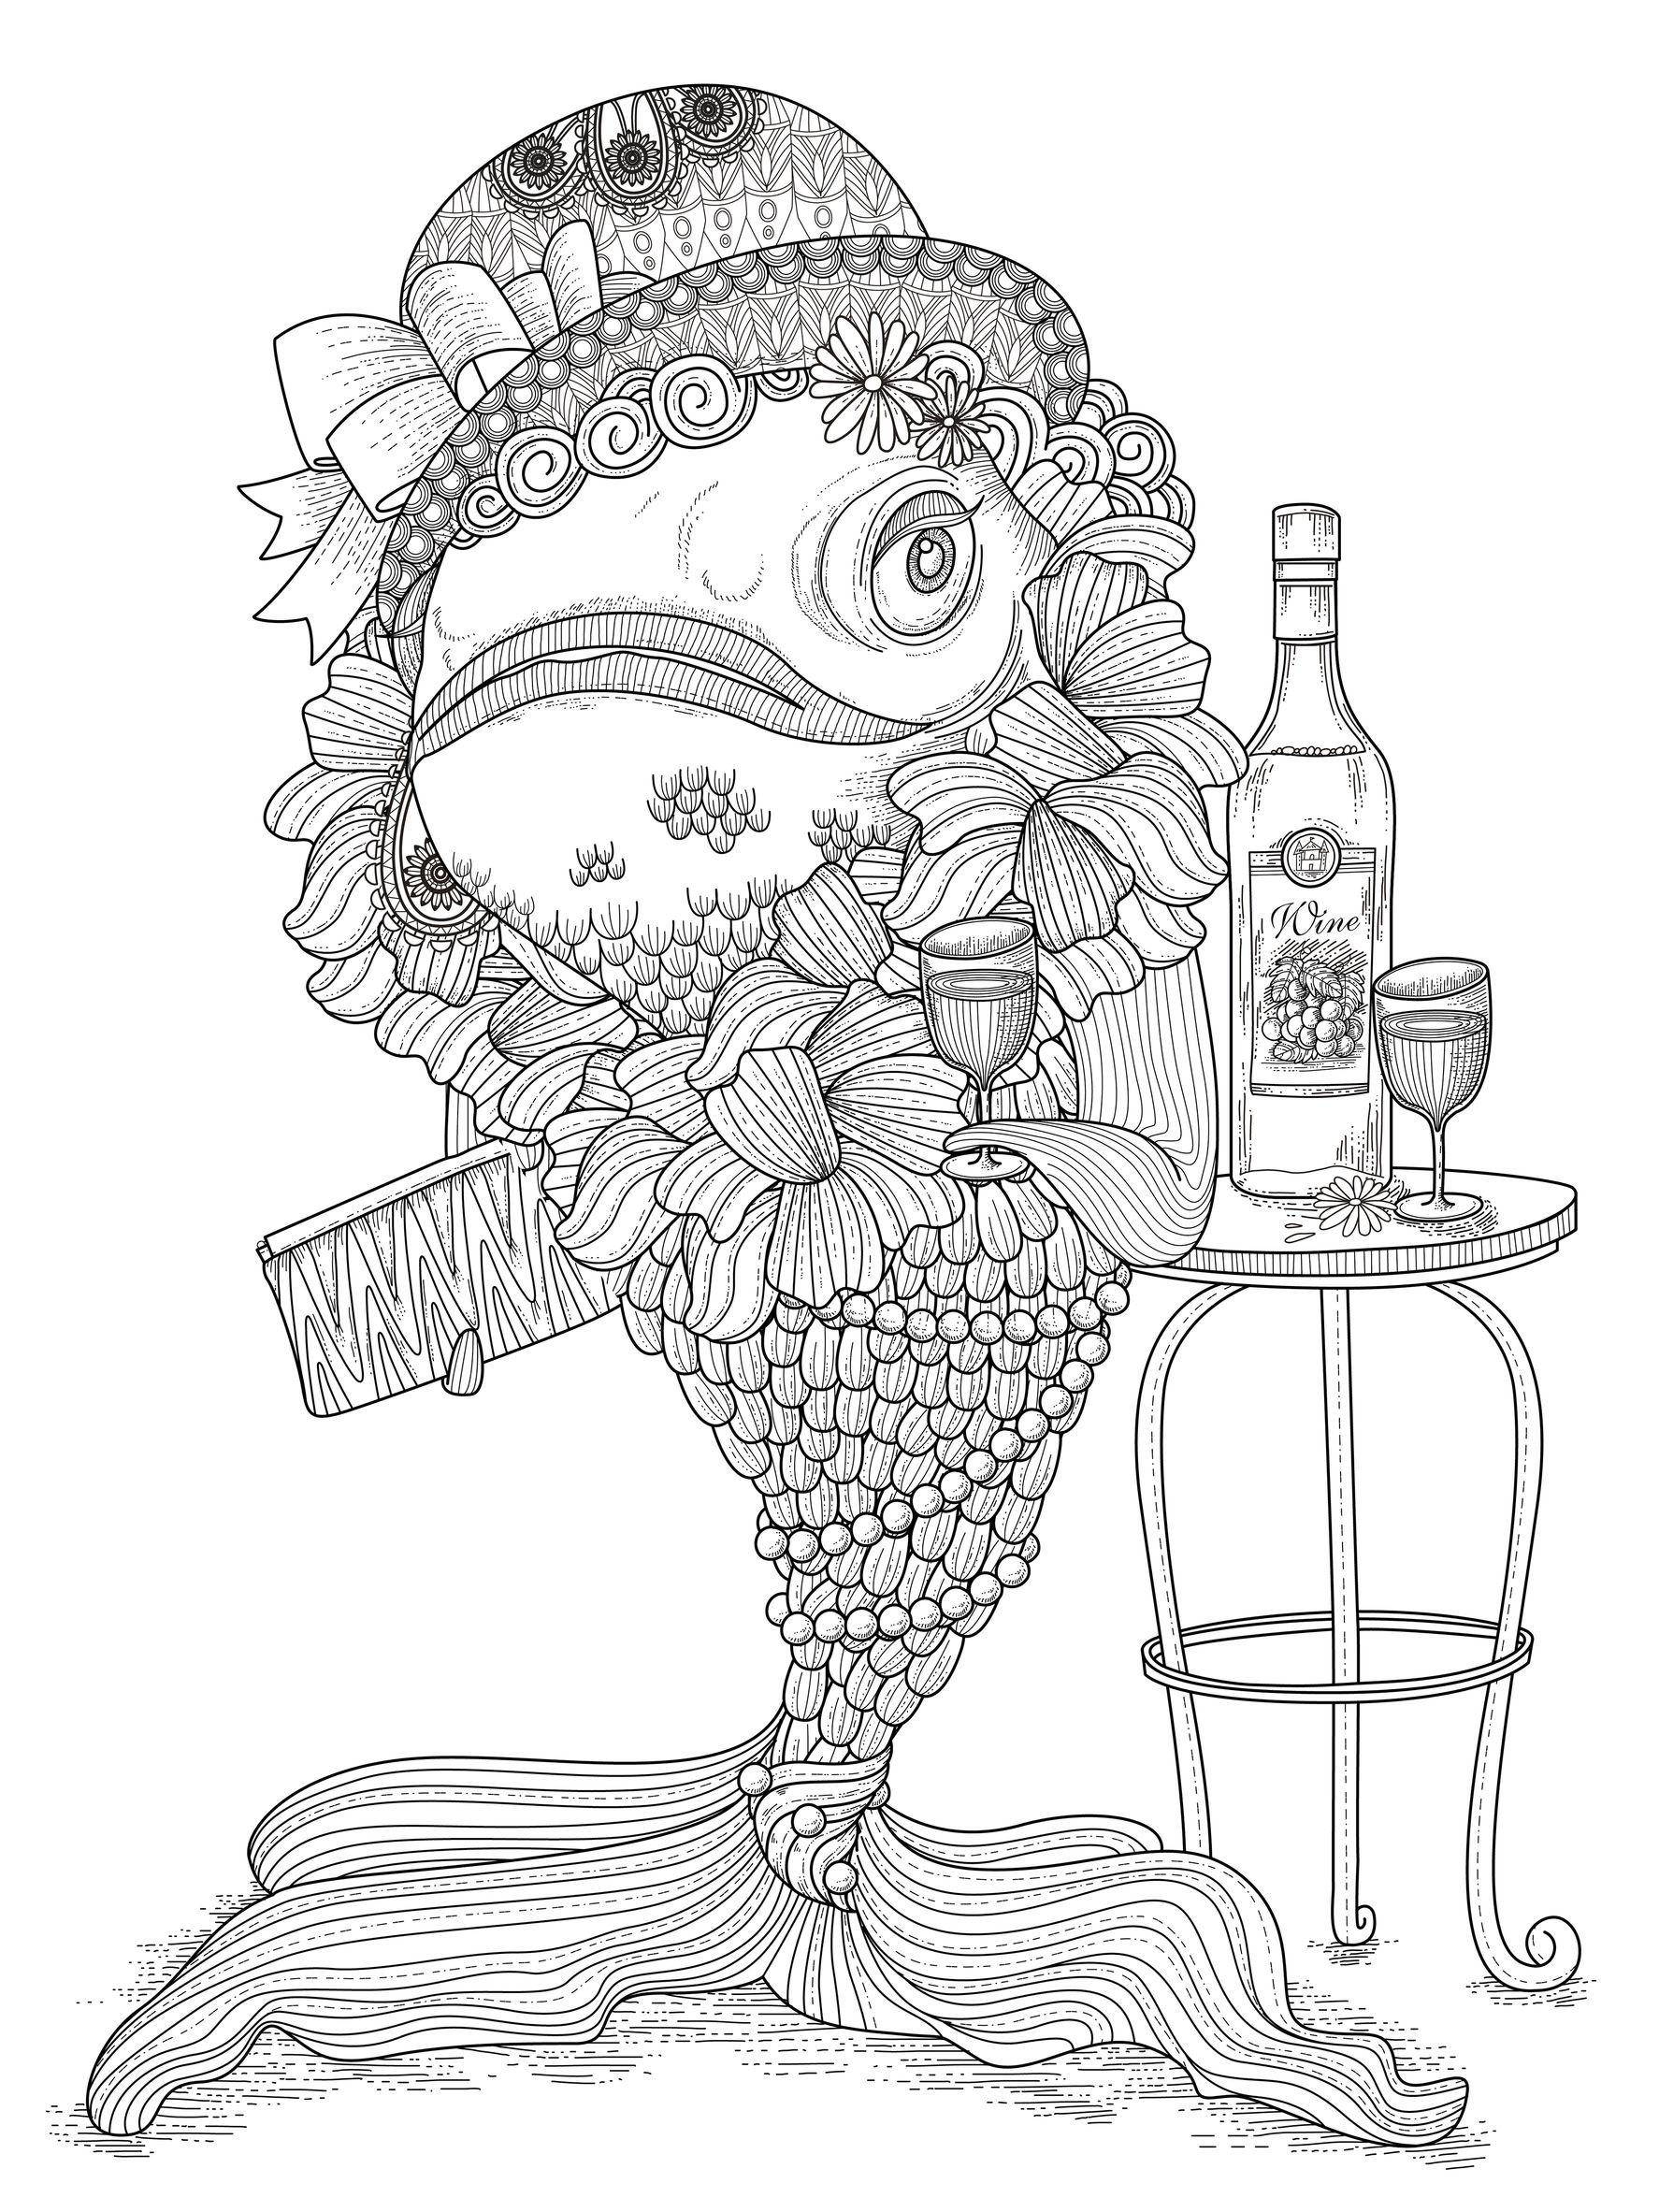 Ce coloriage d'un poisson est vraiment amusant !A partir de la galerie : Mondes AquatiquesArtiste : Kchung